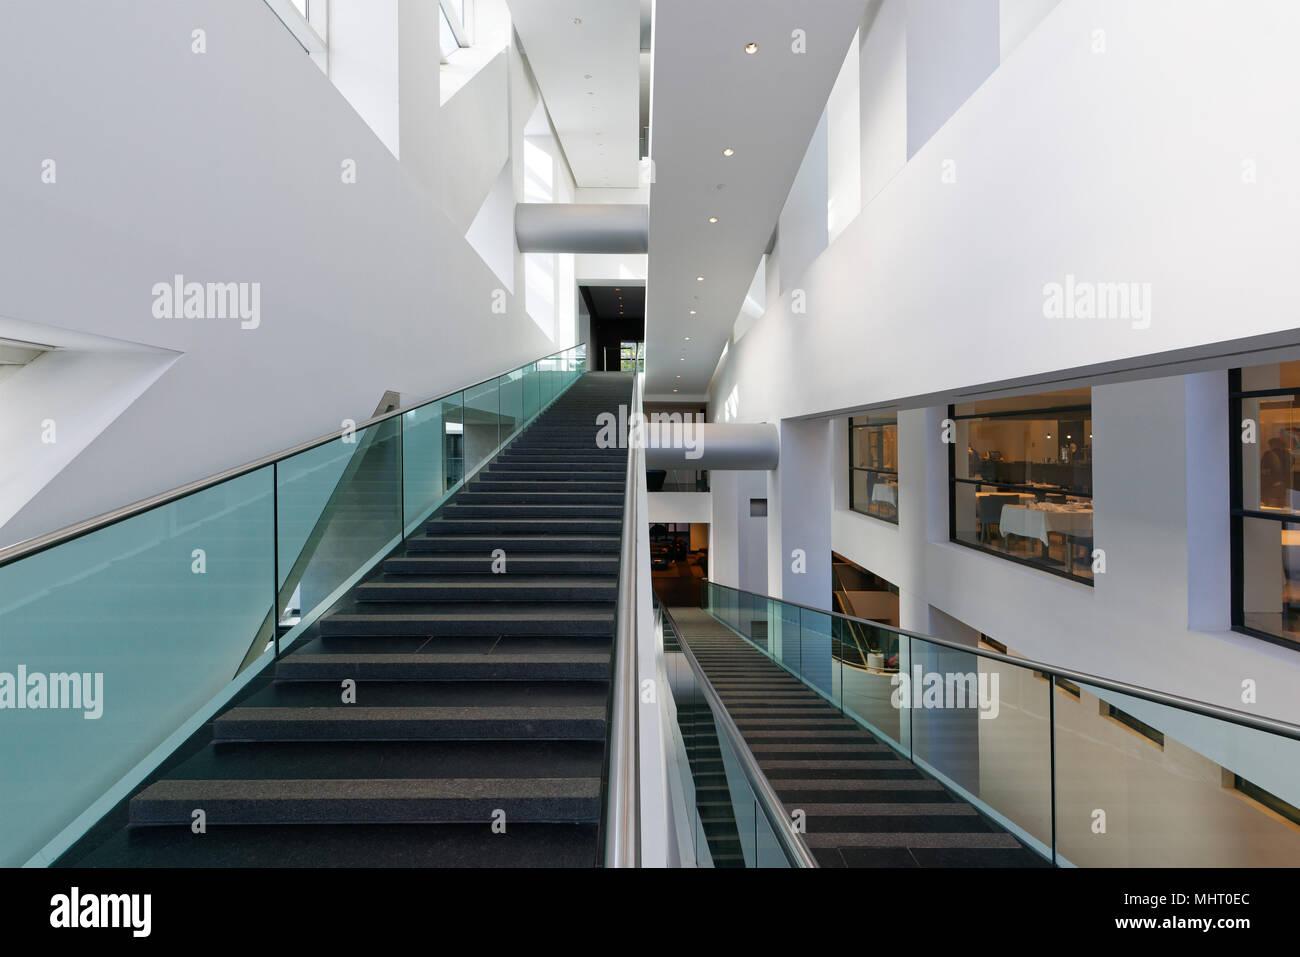 L'architecture moderne escalier intérieur le Musée des beaux-arts de Montréal Banque D'Images